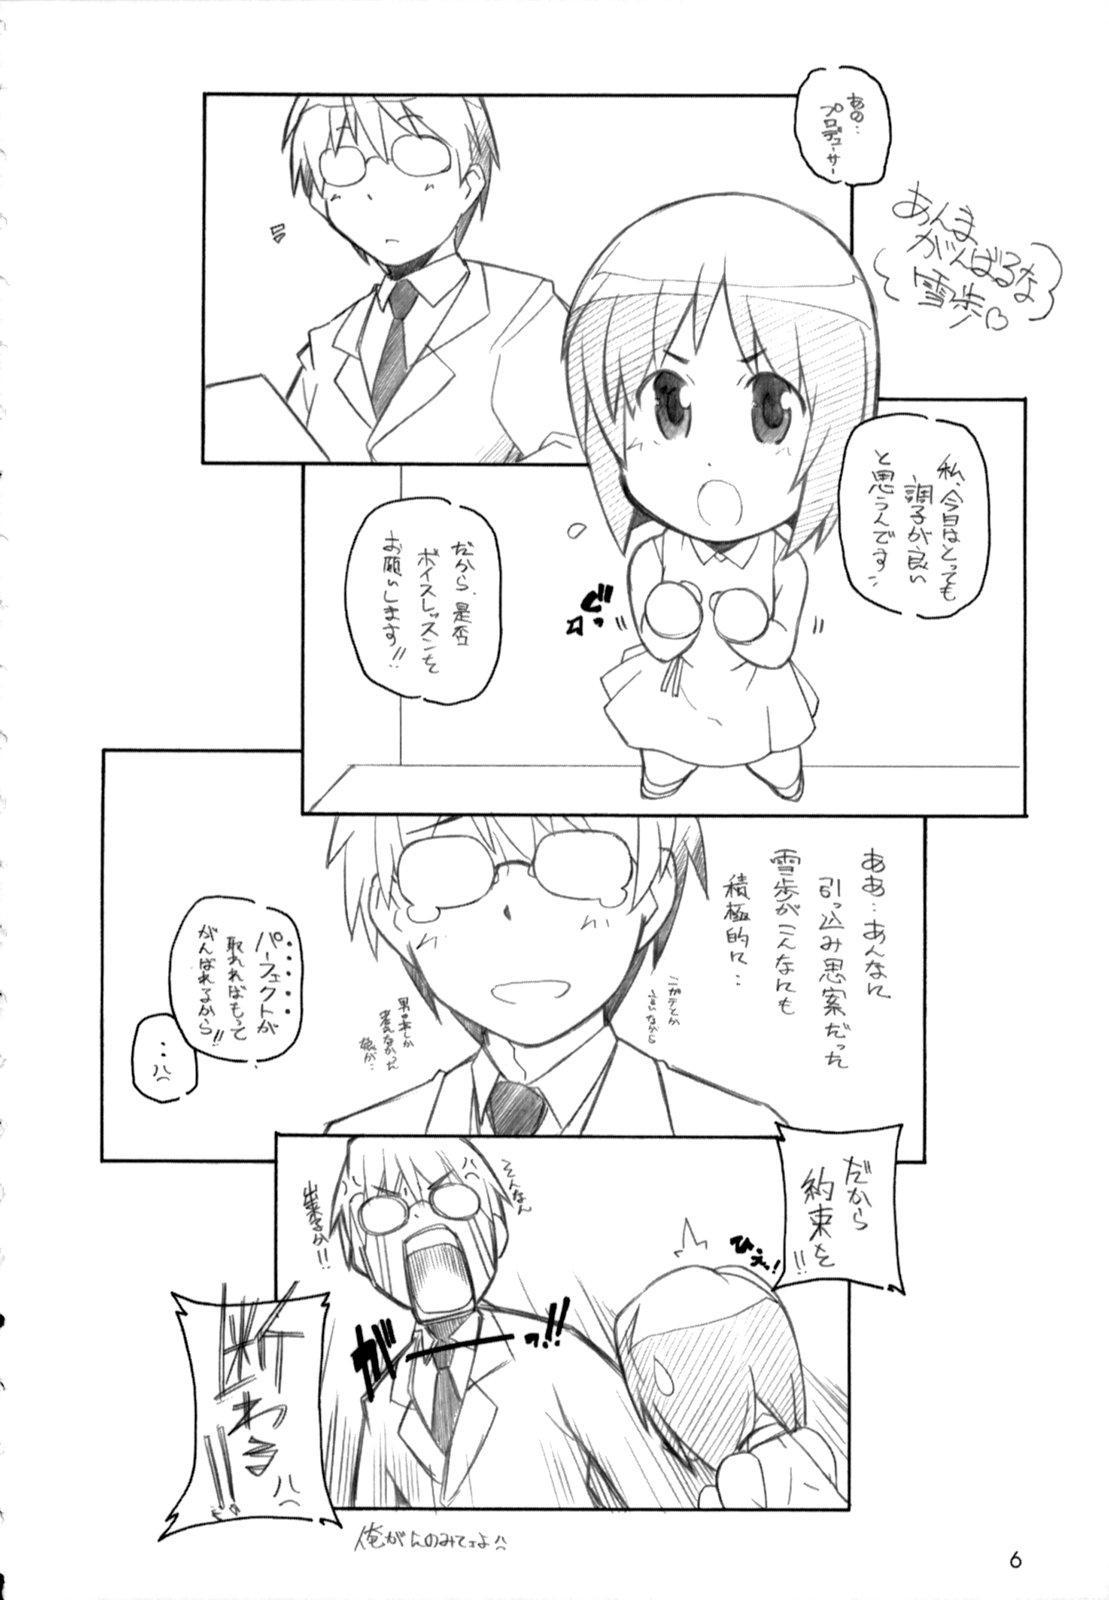 Gentsuki wa Bike janai 5